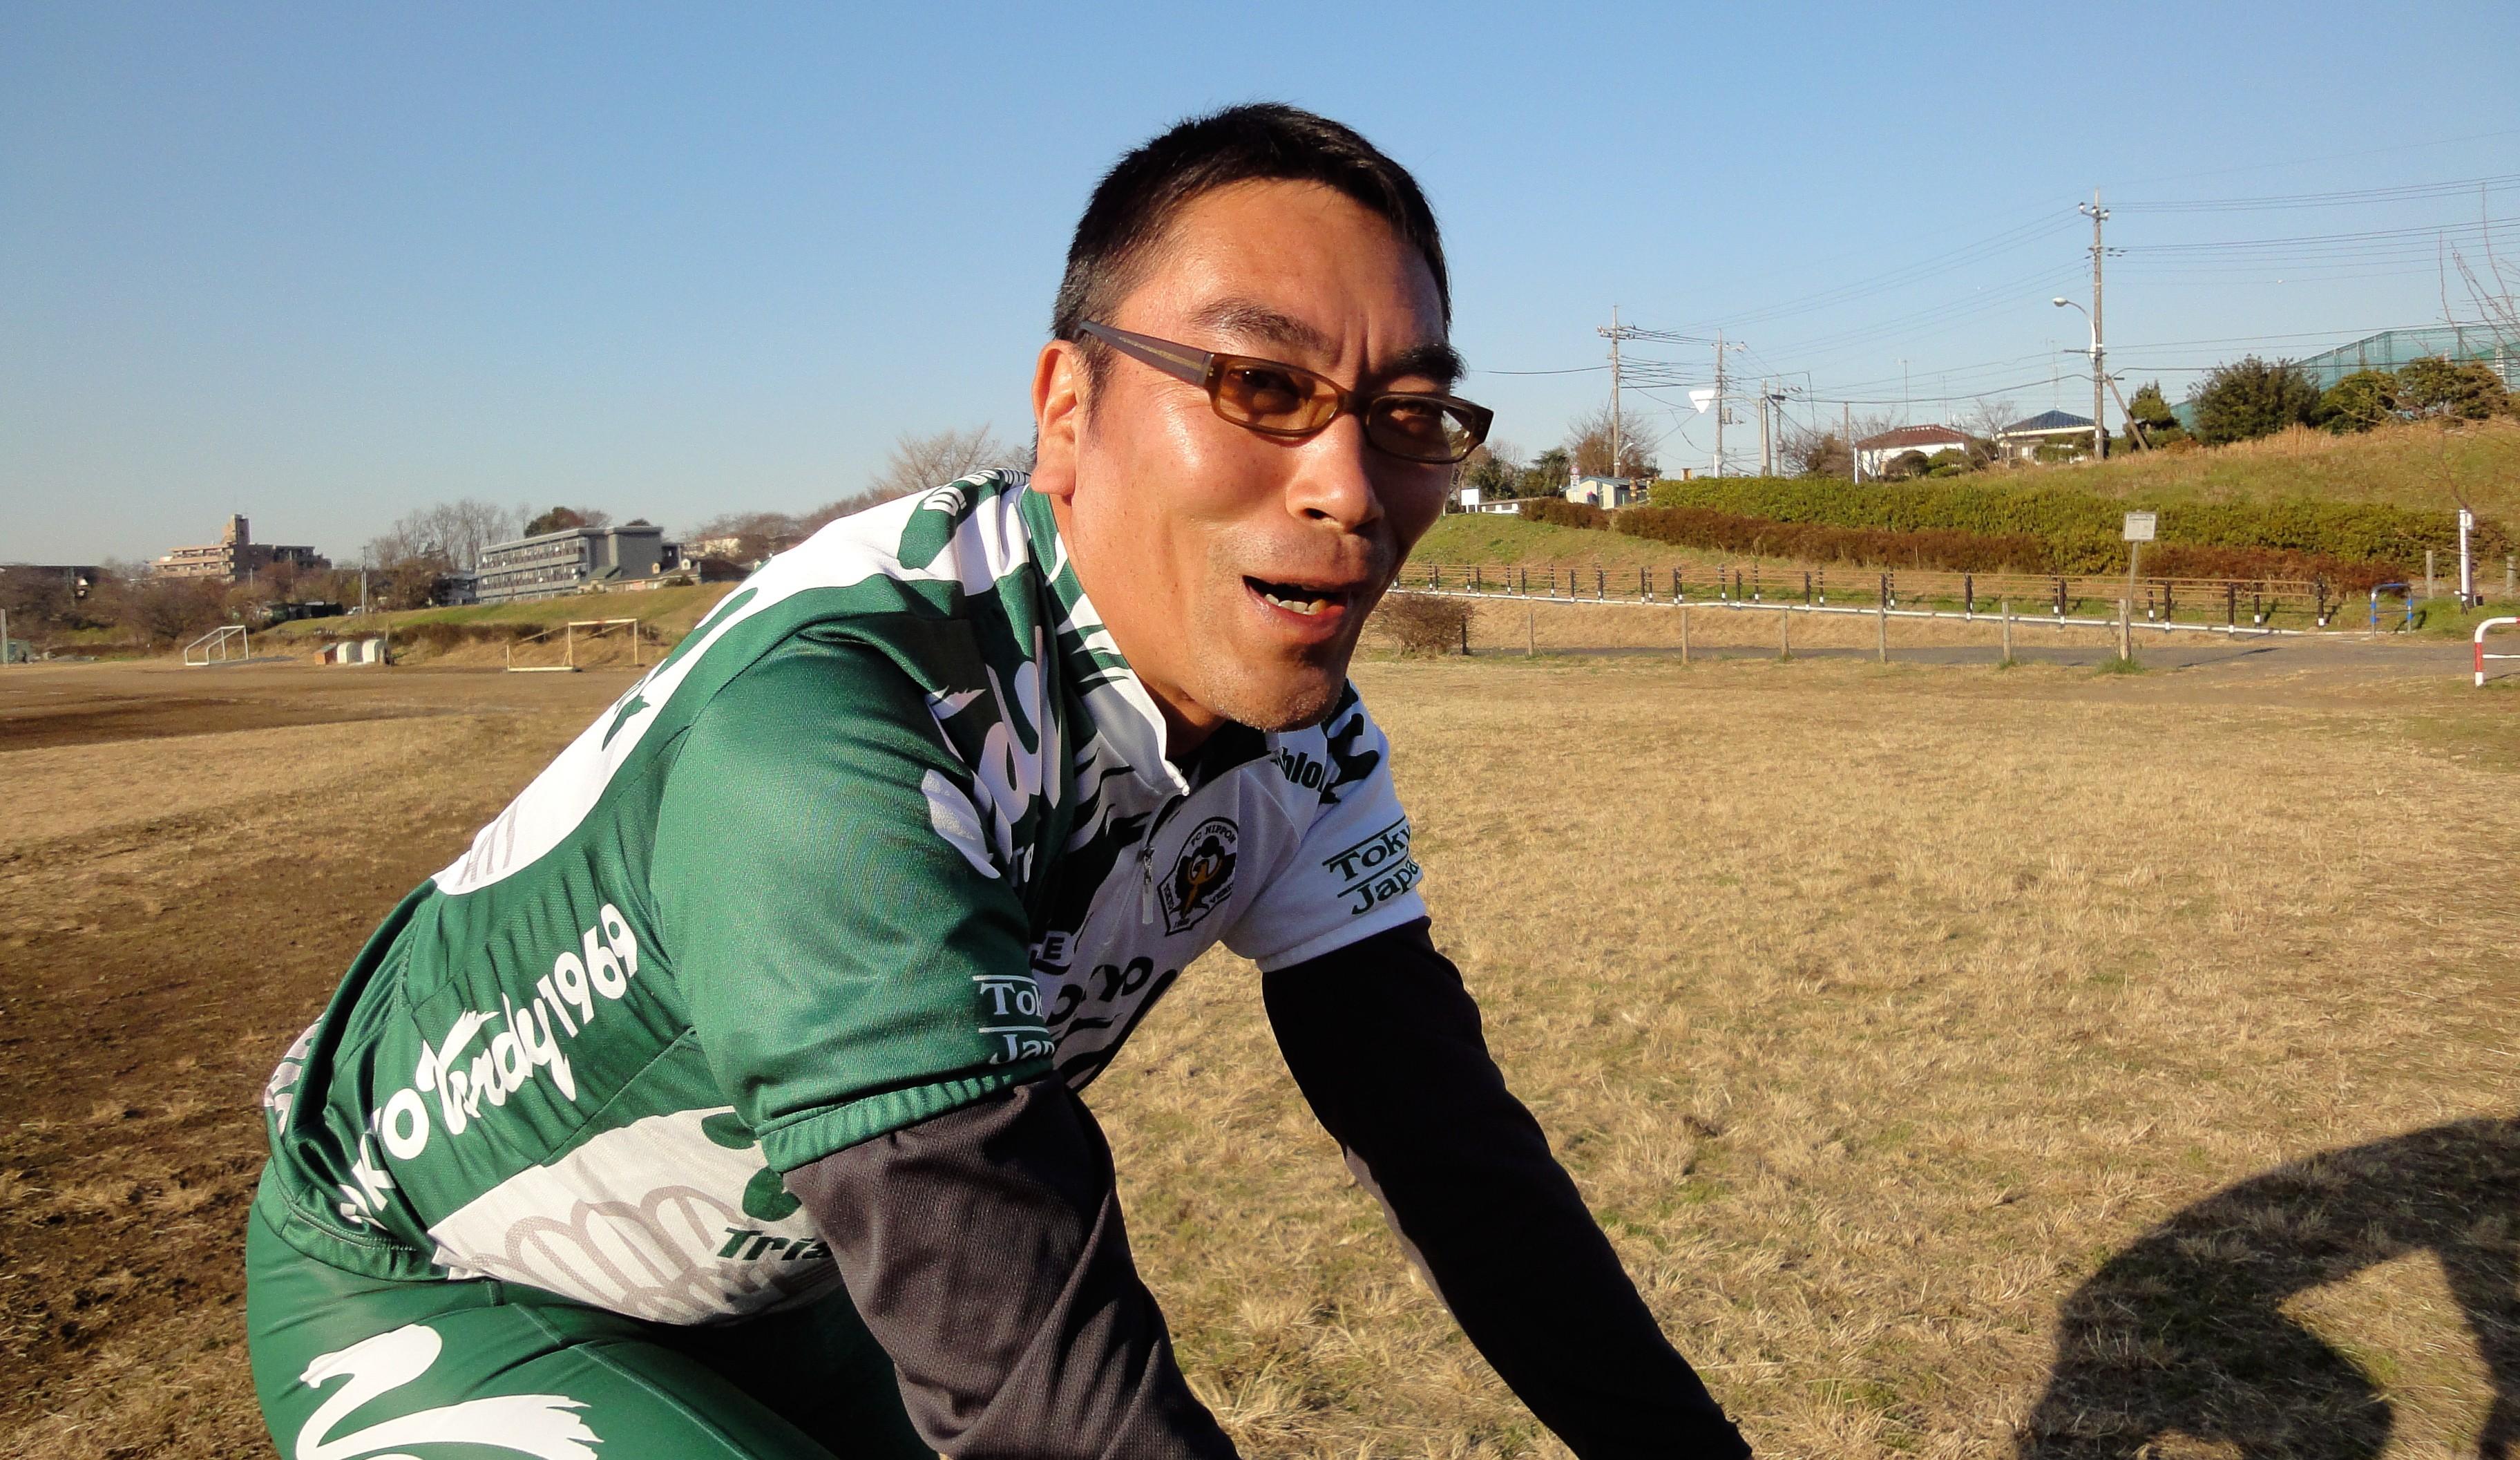 【トライアスロン】ランニングのコツ presented by山倉 和彦